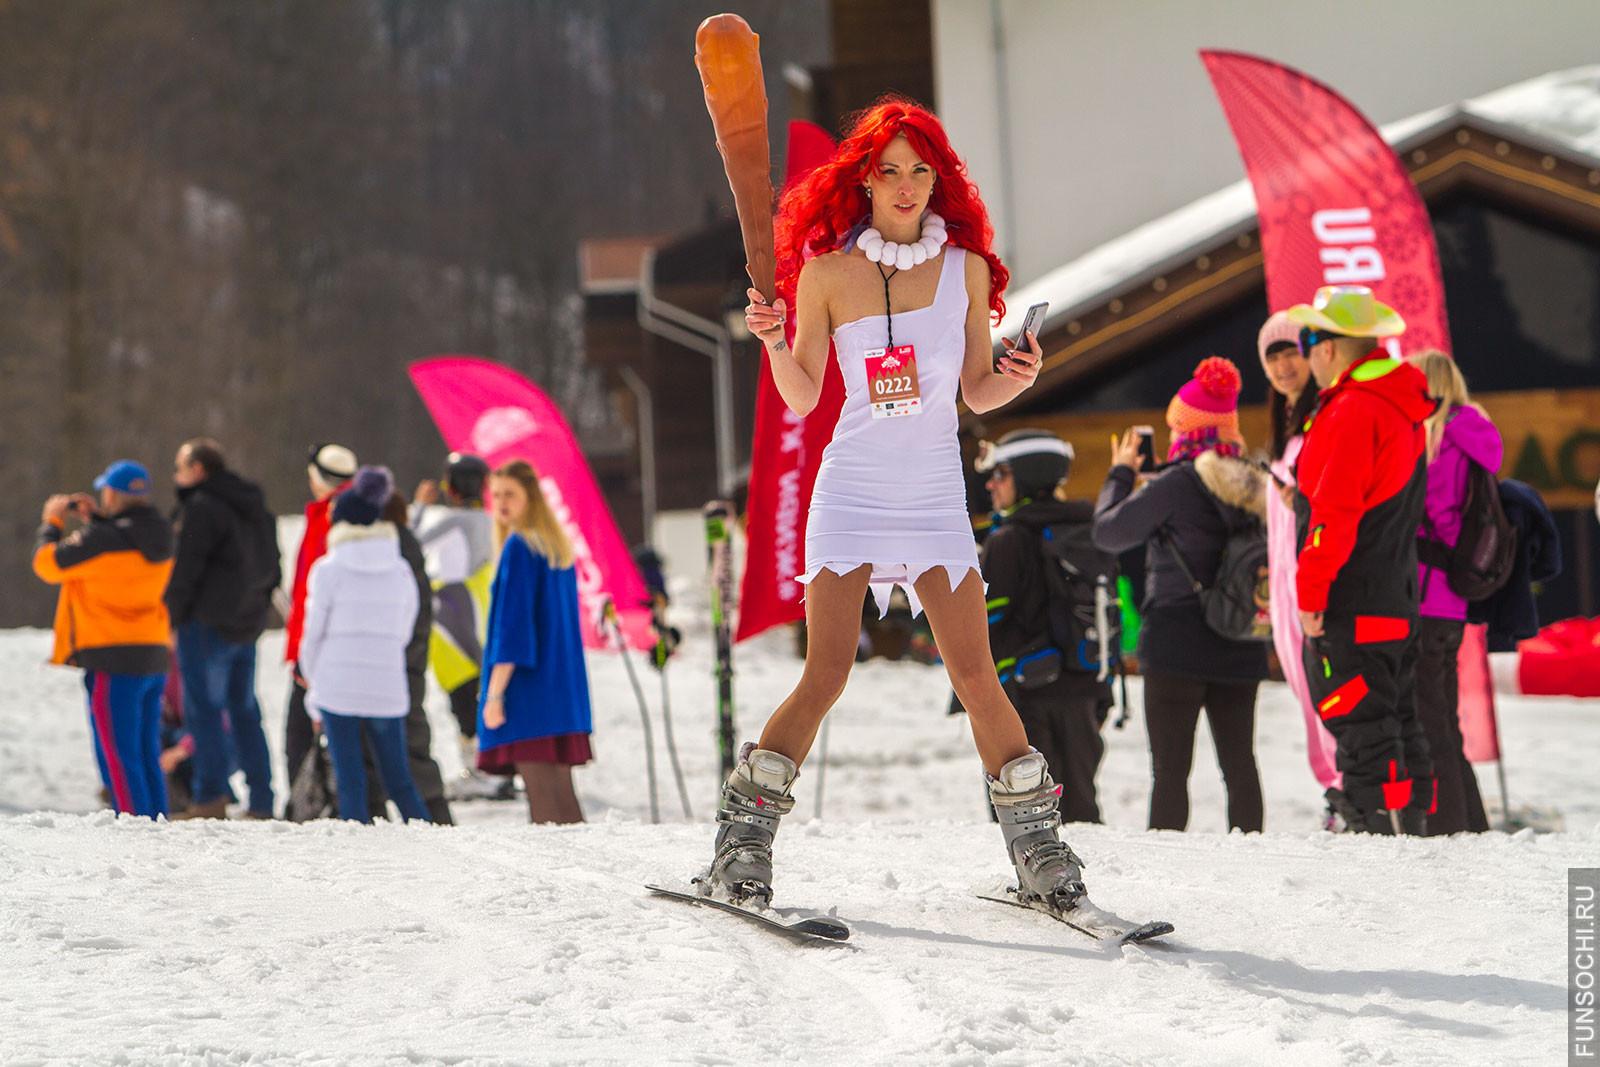 Девушка на лыжах в костюме доисторической женщины